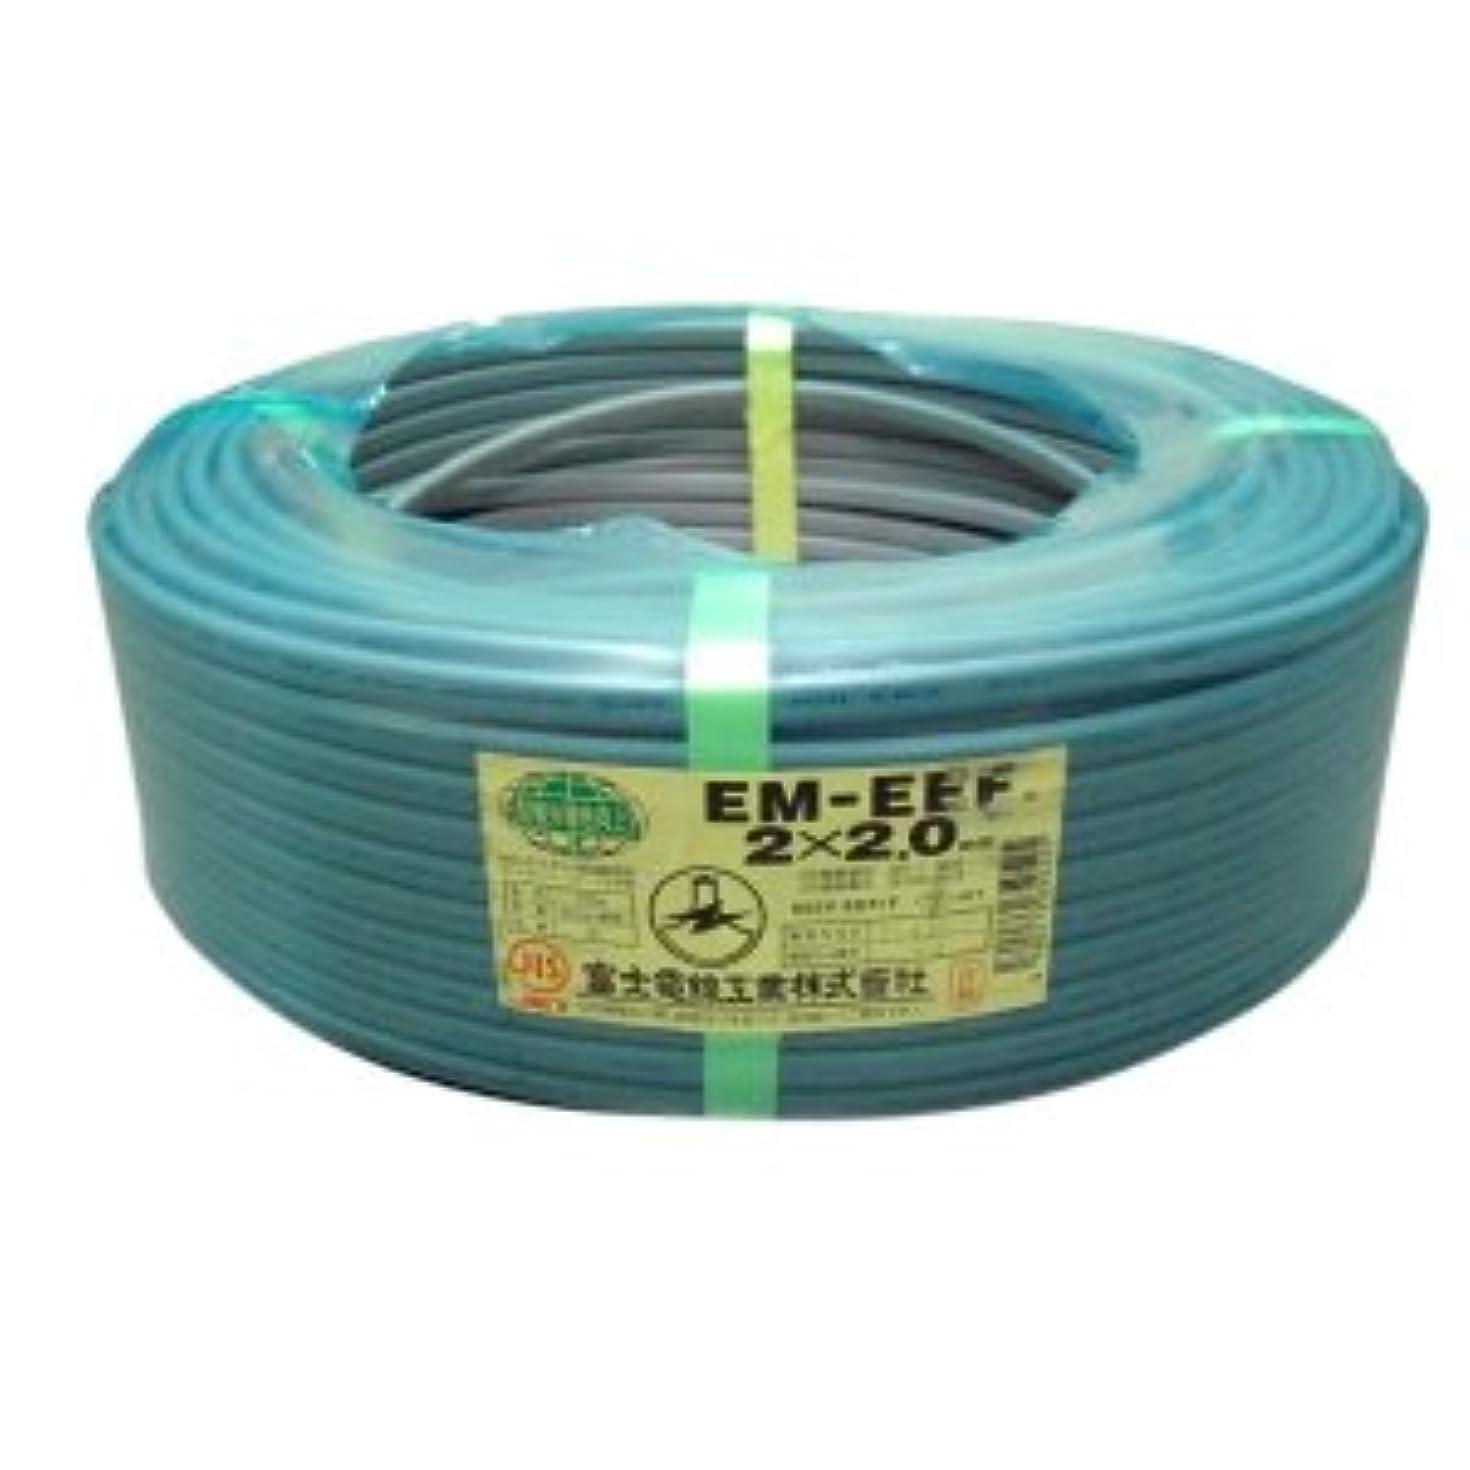 確認する座標神社切売販売 富士電線 エコ電線(配電用電線) 2.0mm×2C×1m EM-EEF2.0*2C